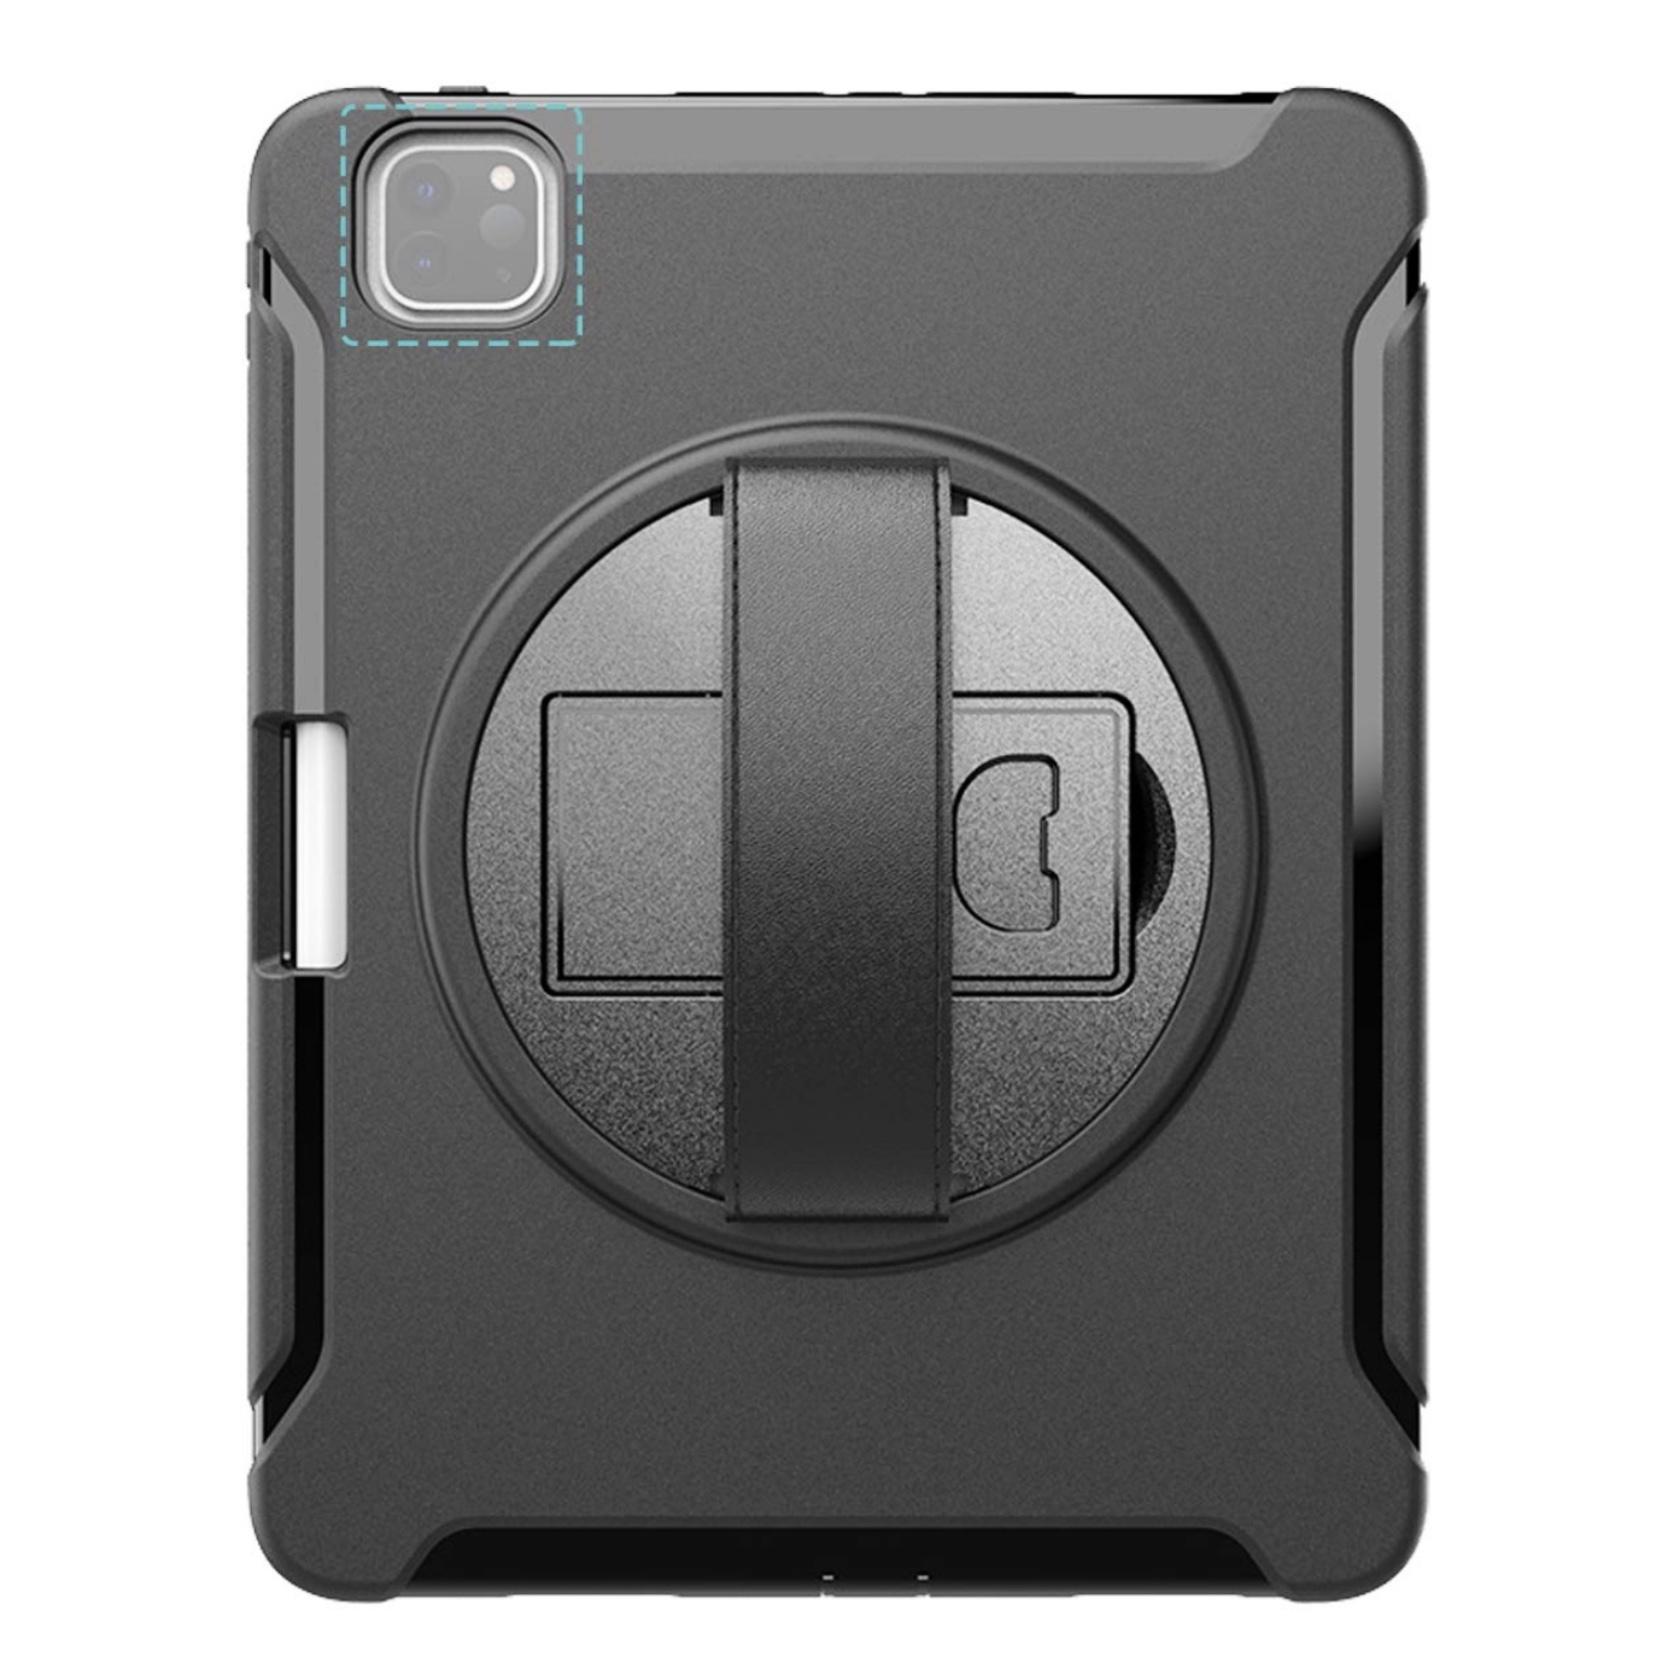 iPad PRO 12.9 pouces Coque de Protection avec Sangle main rotative Brisbane